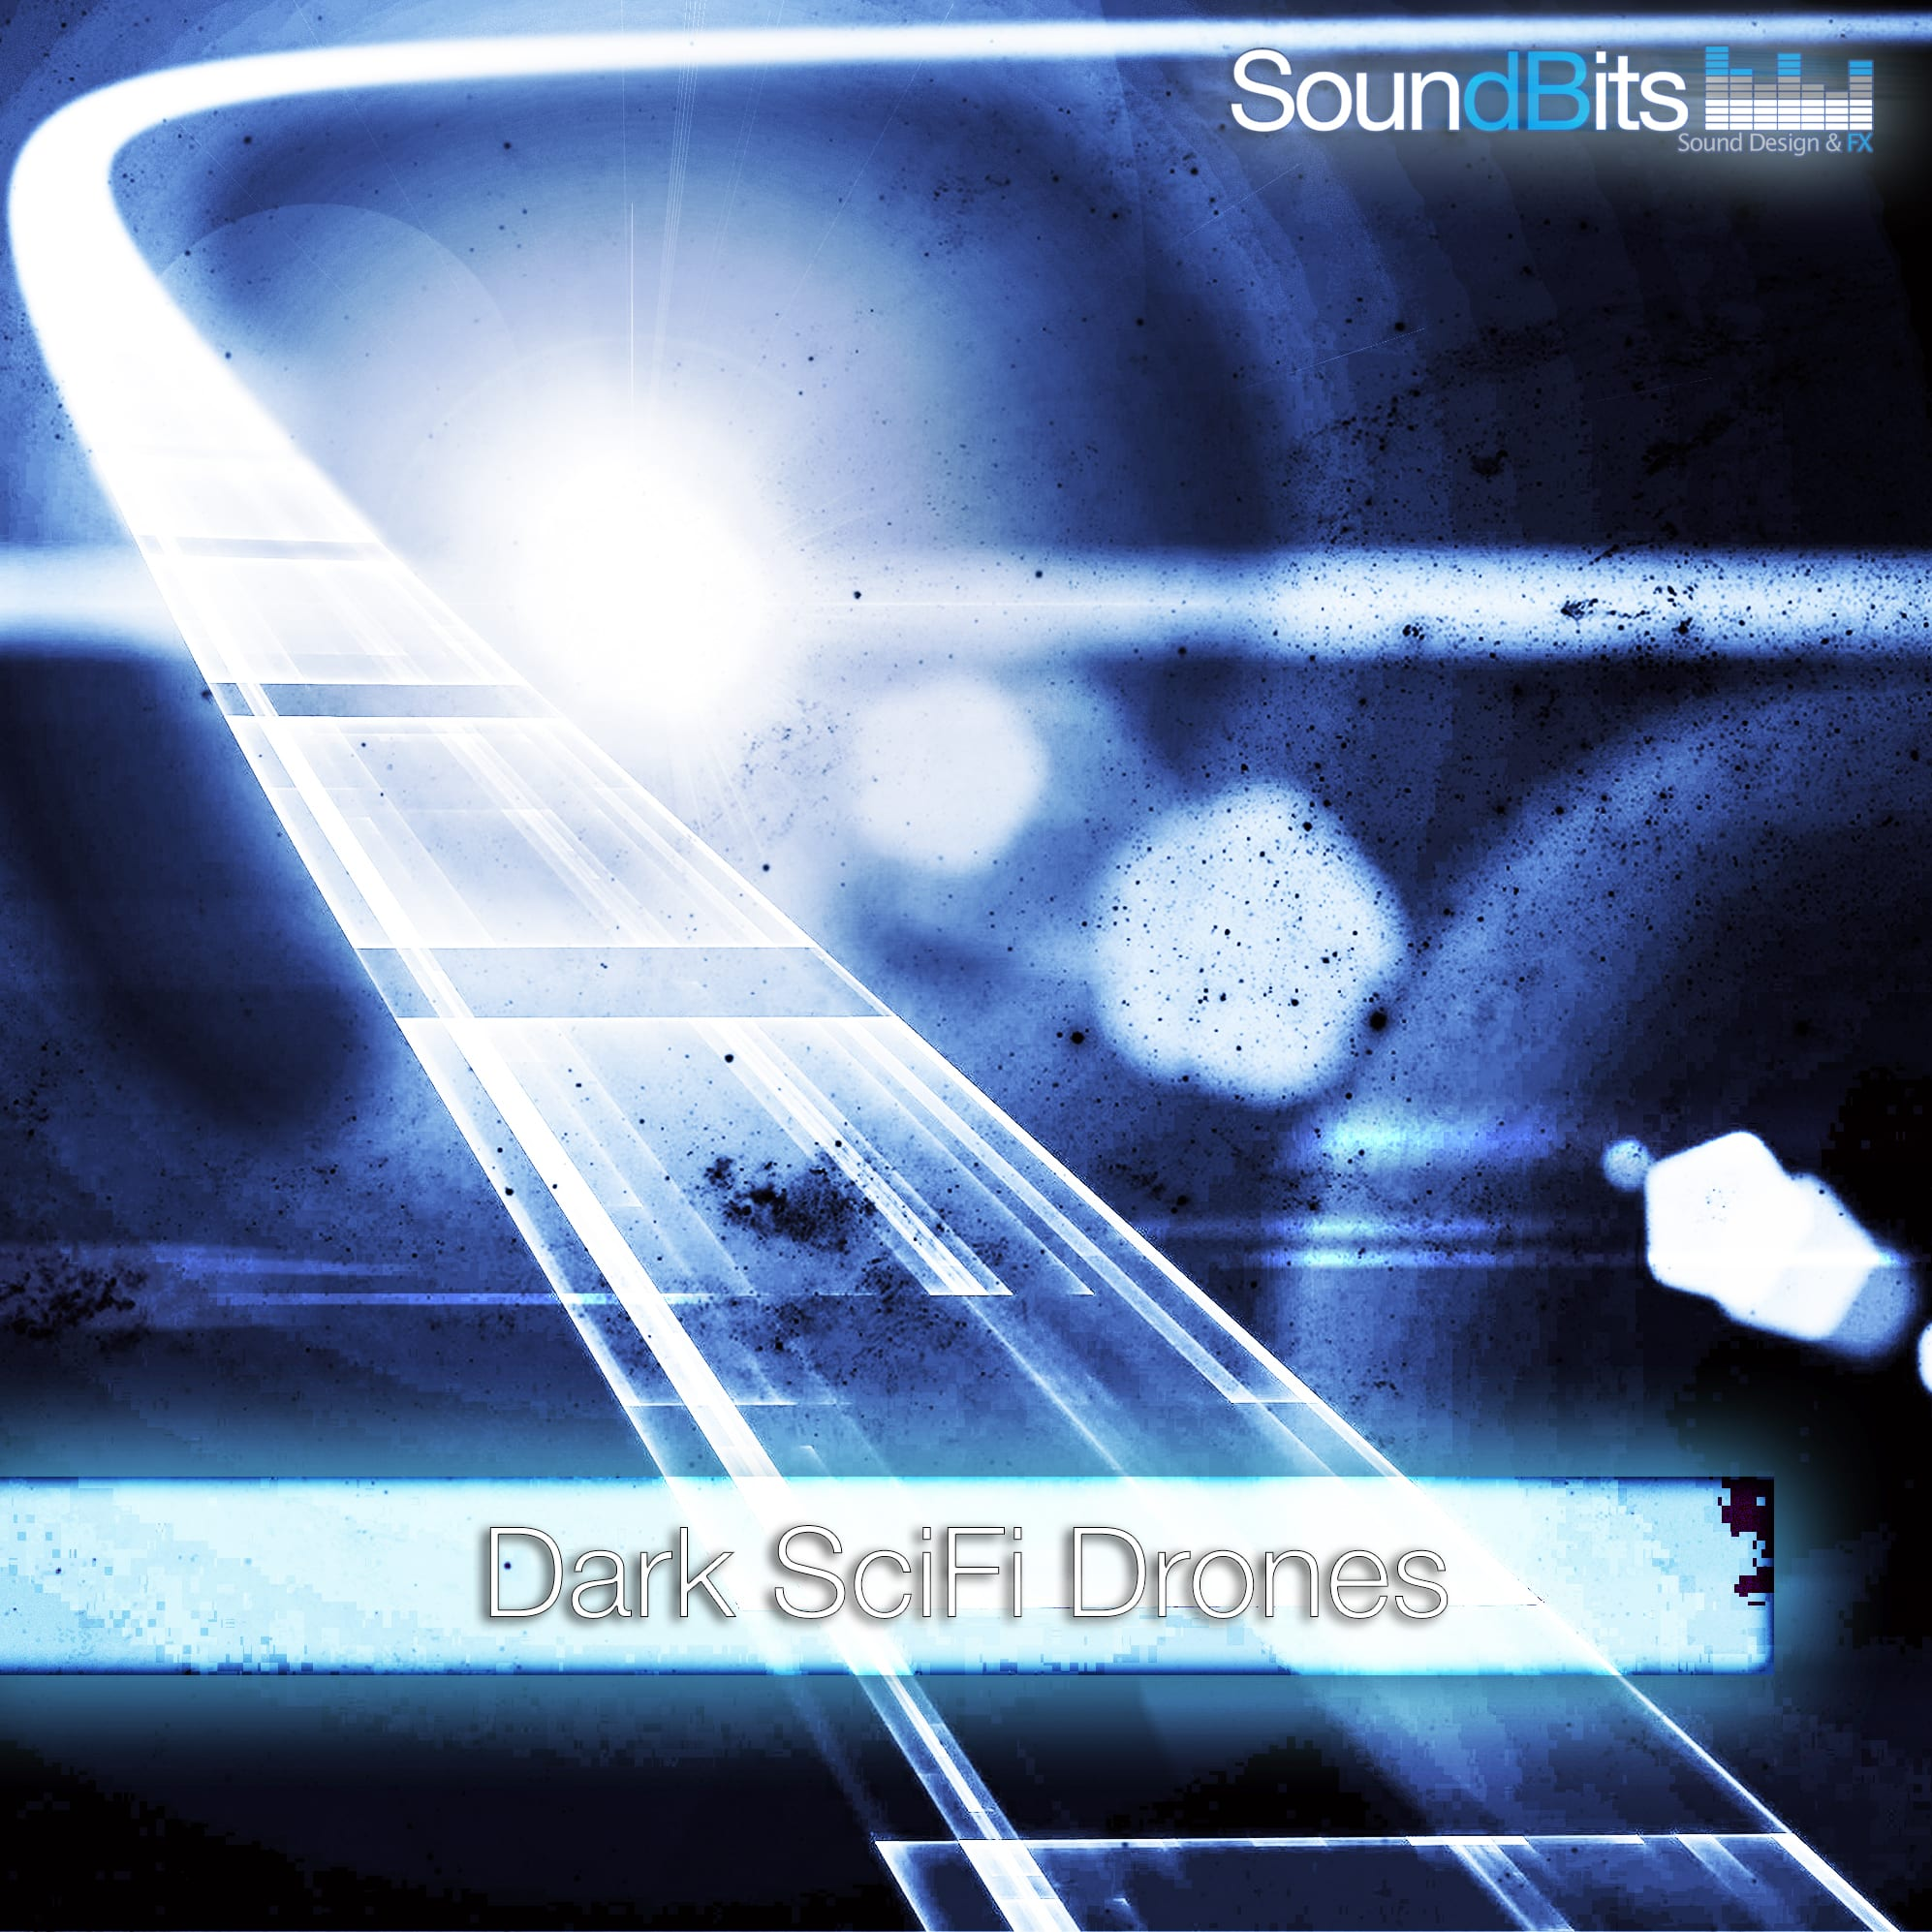 Dark SciFi Drones